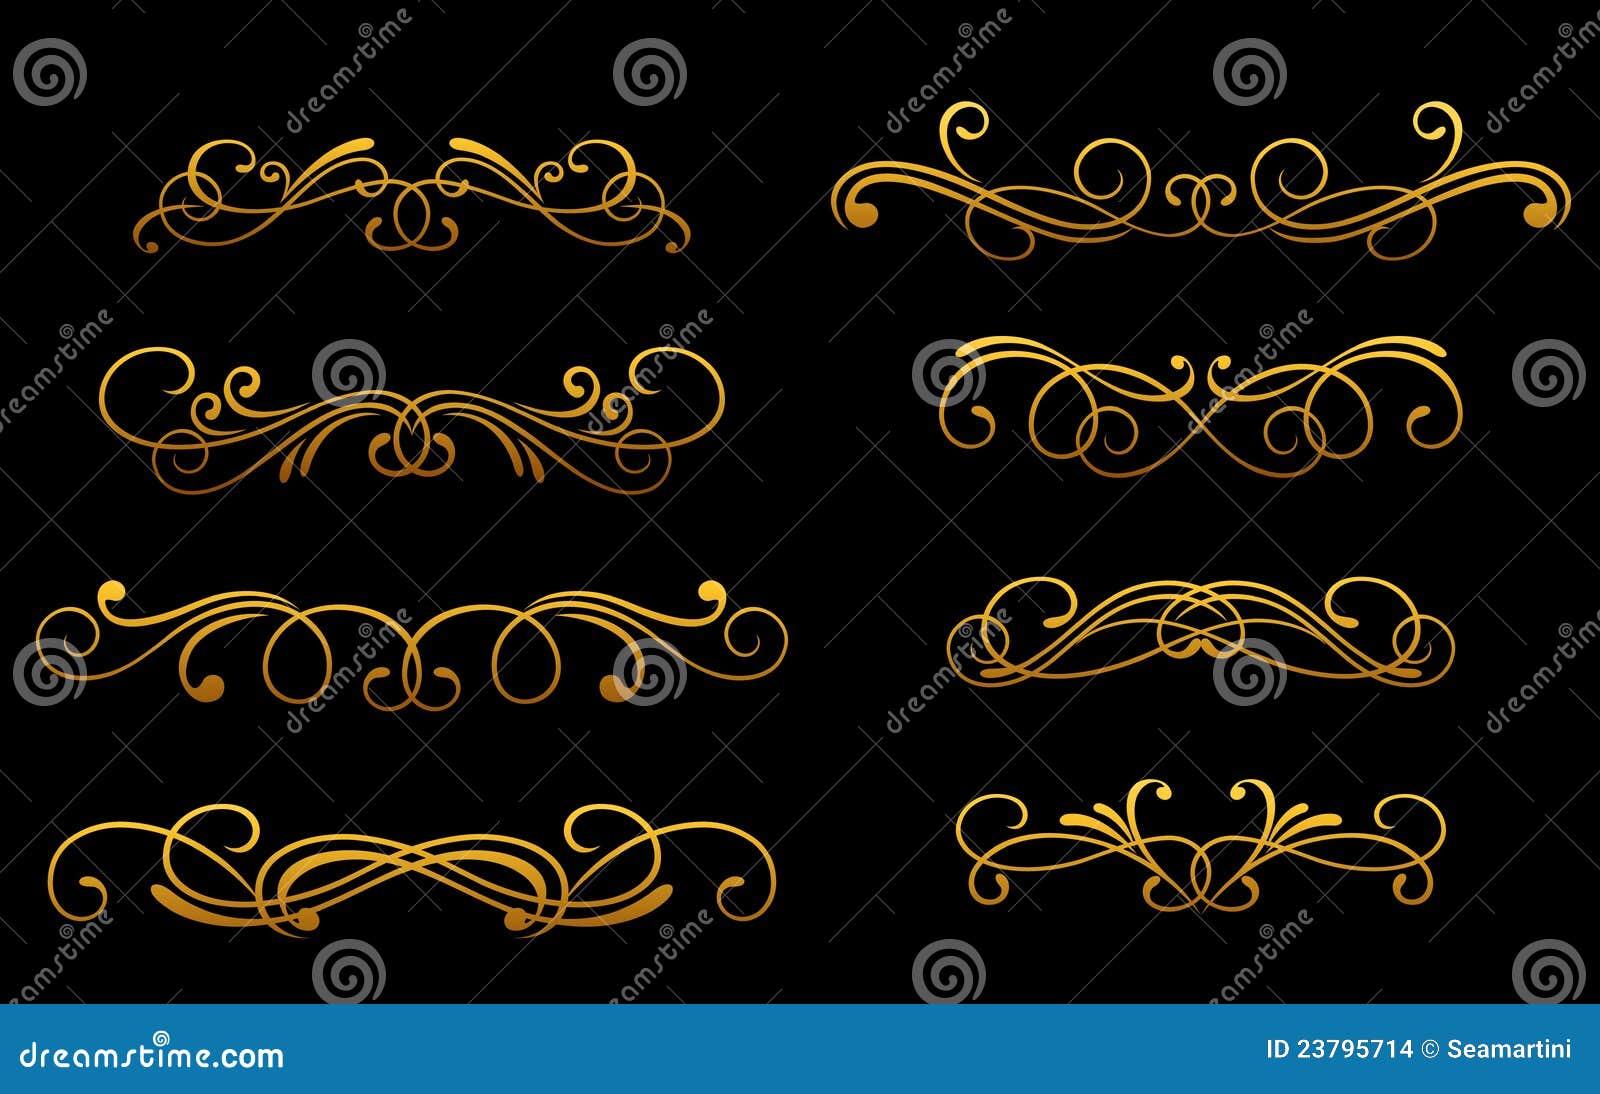 monogramas dourados do vintage imagens de stock